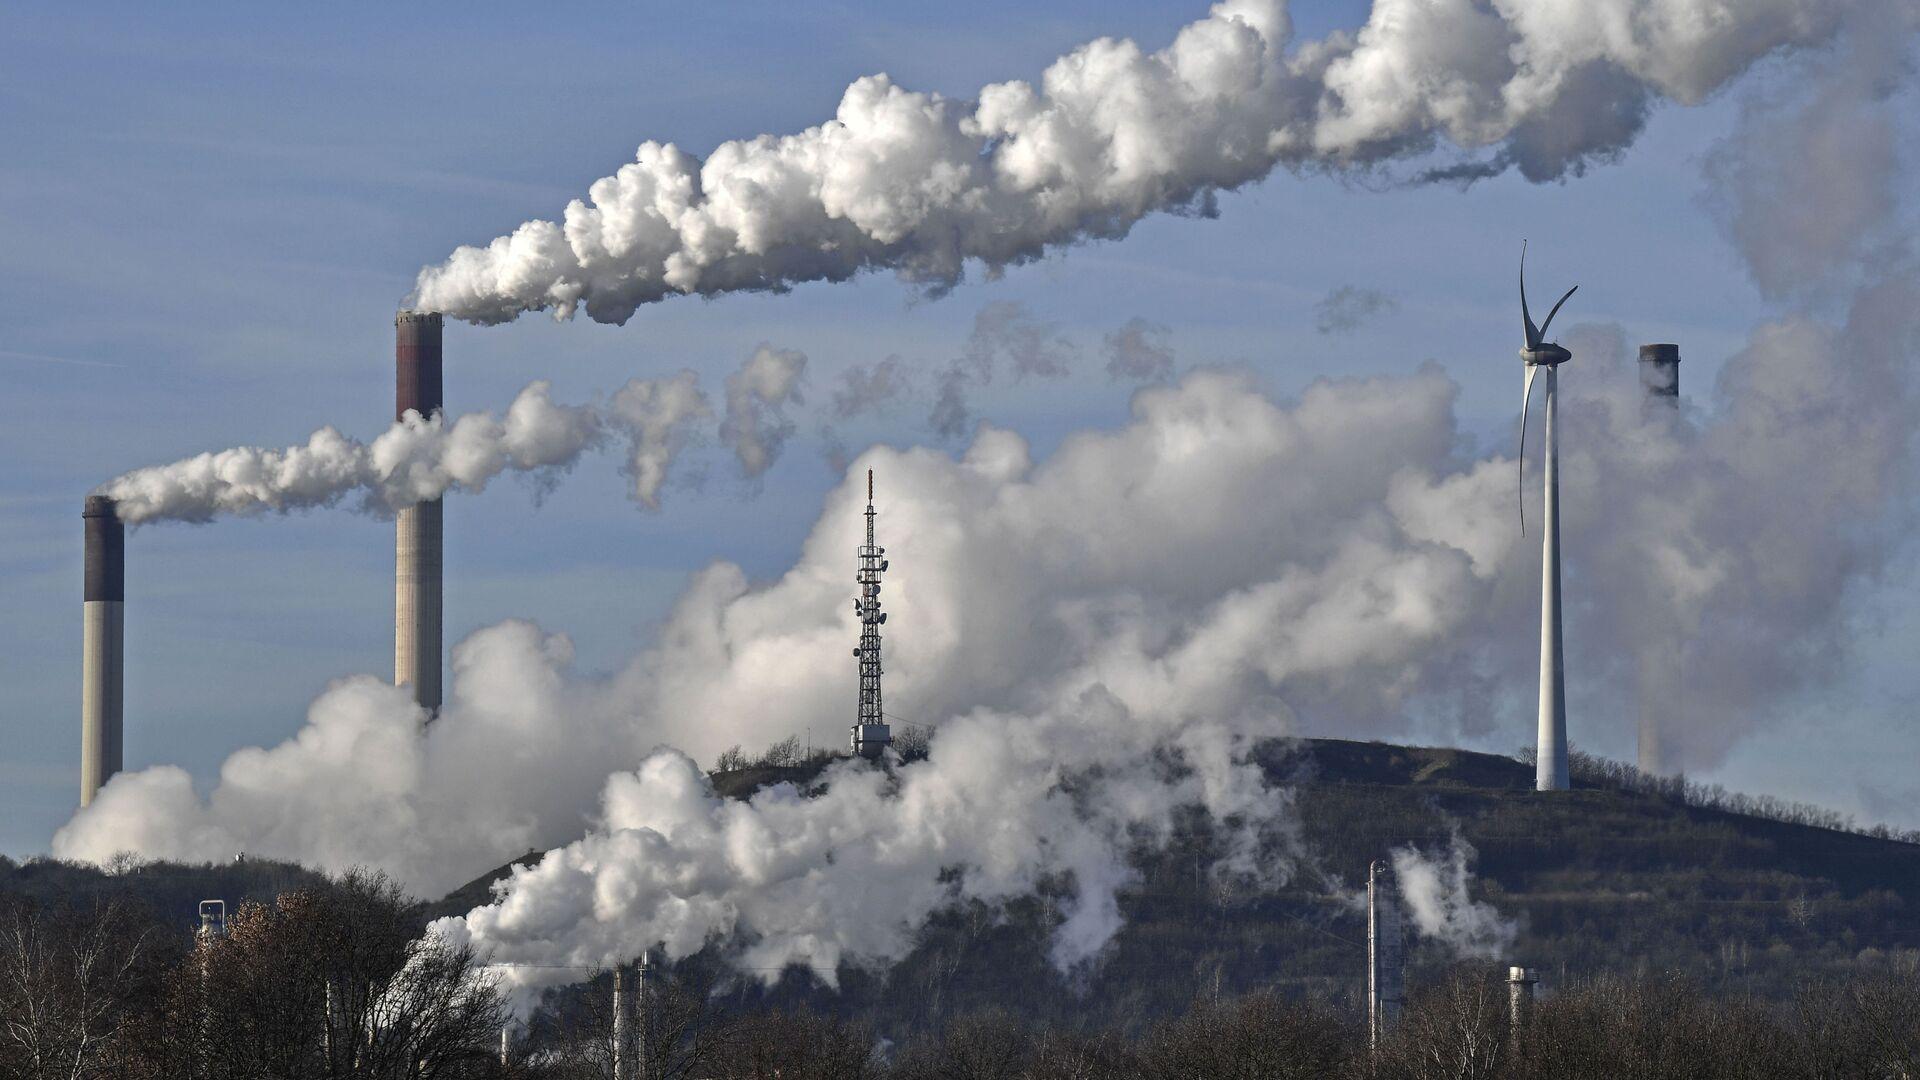 Угольная электростанция энергетической компании Uniper и нефтеперерабатывающий завод BP в Германии - Sputnik Грузия, 1920, 21.09.2021